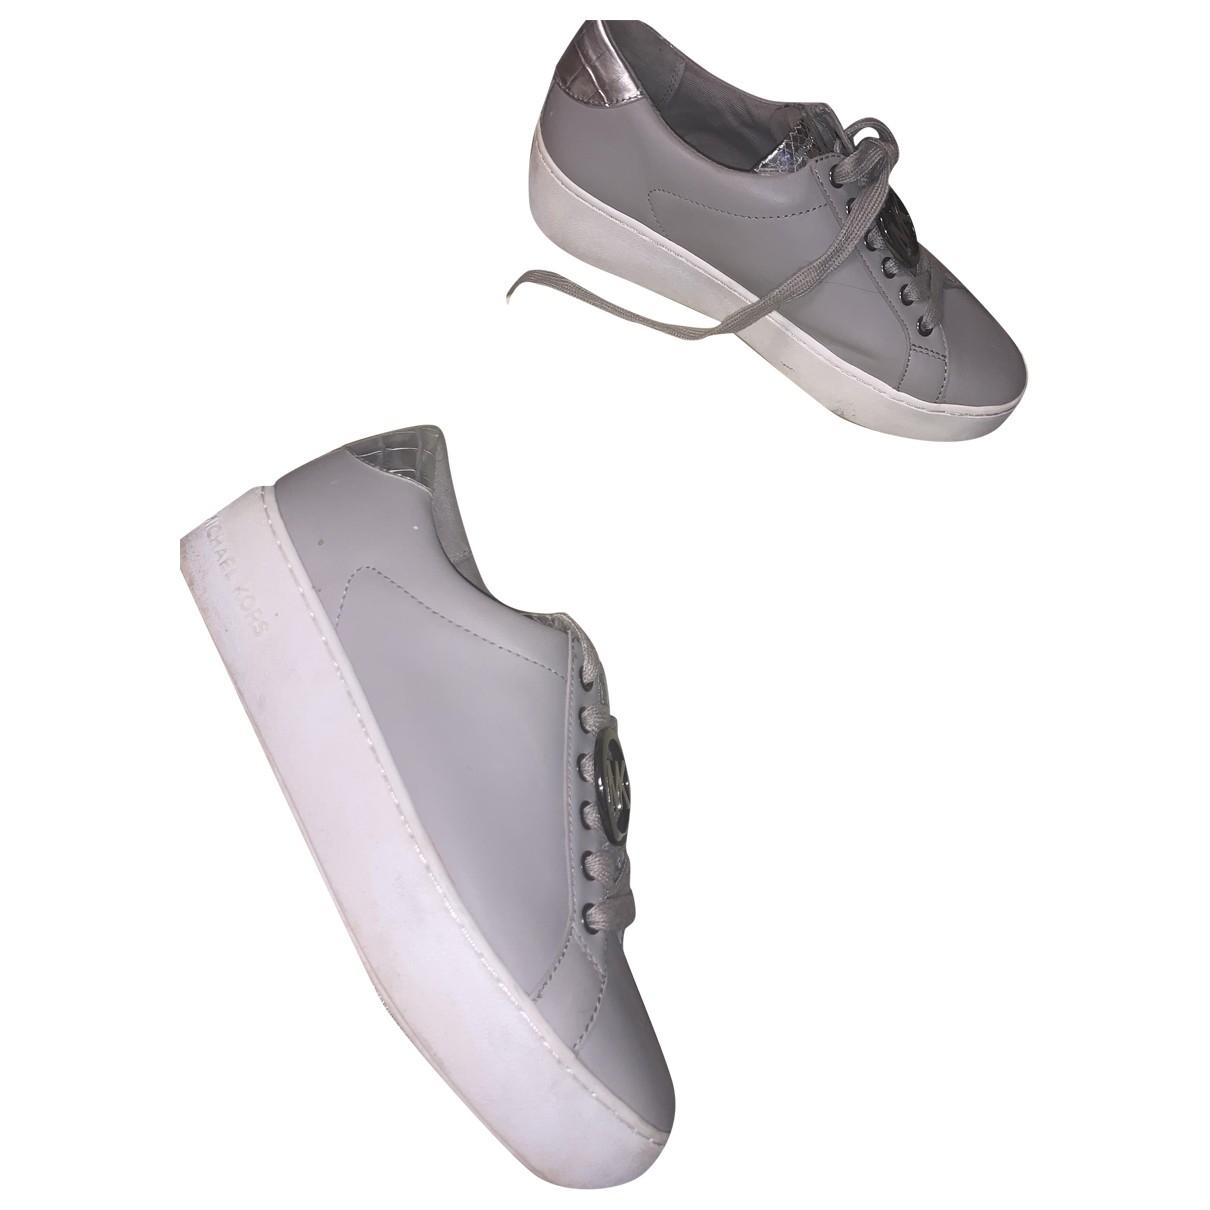 Michael Kors \N Sneakers in  Grau Leder